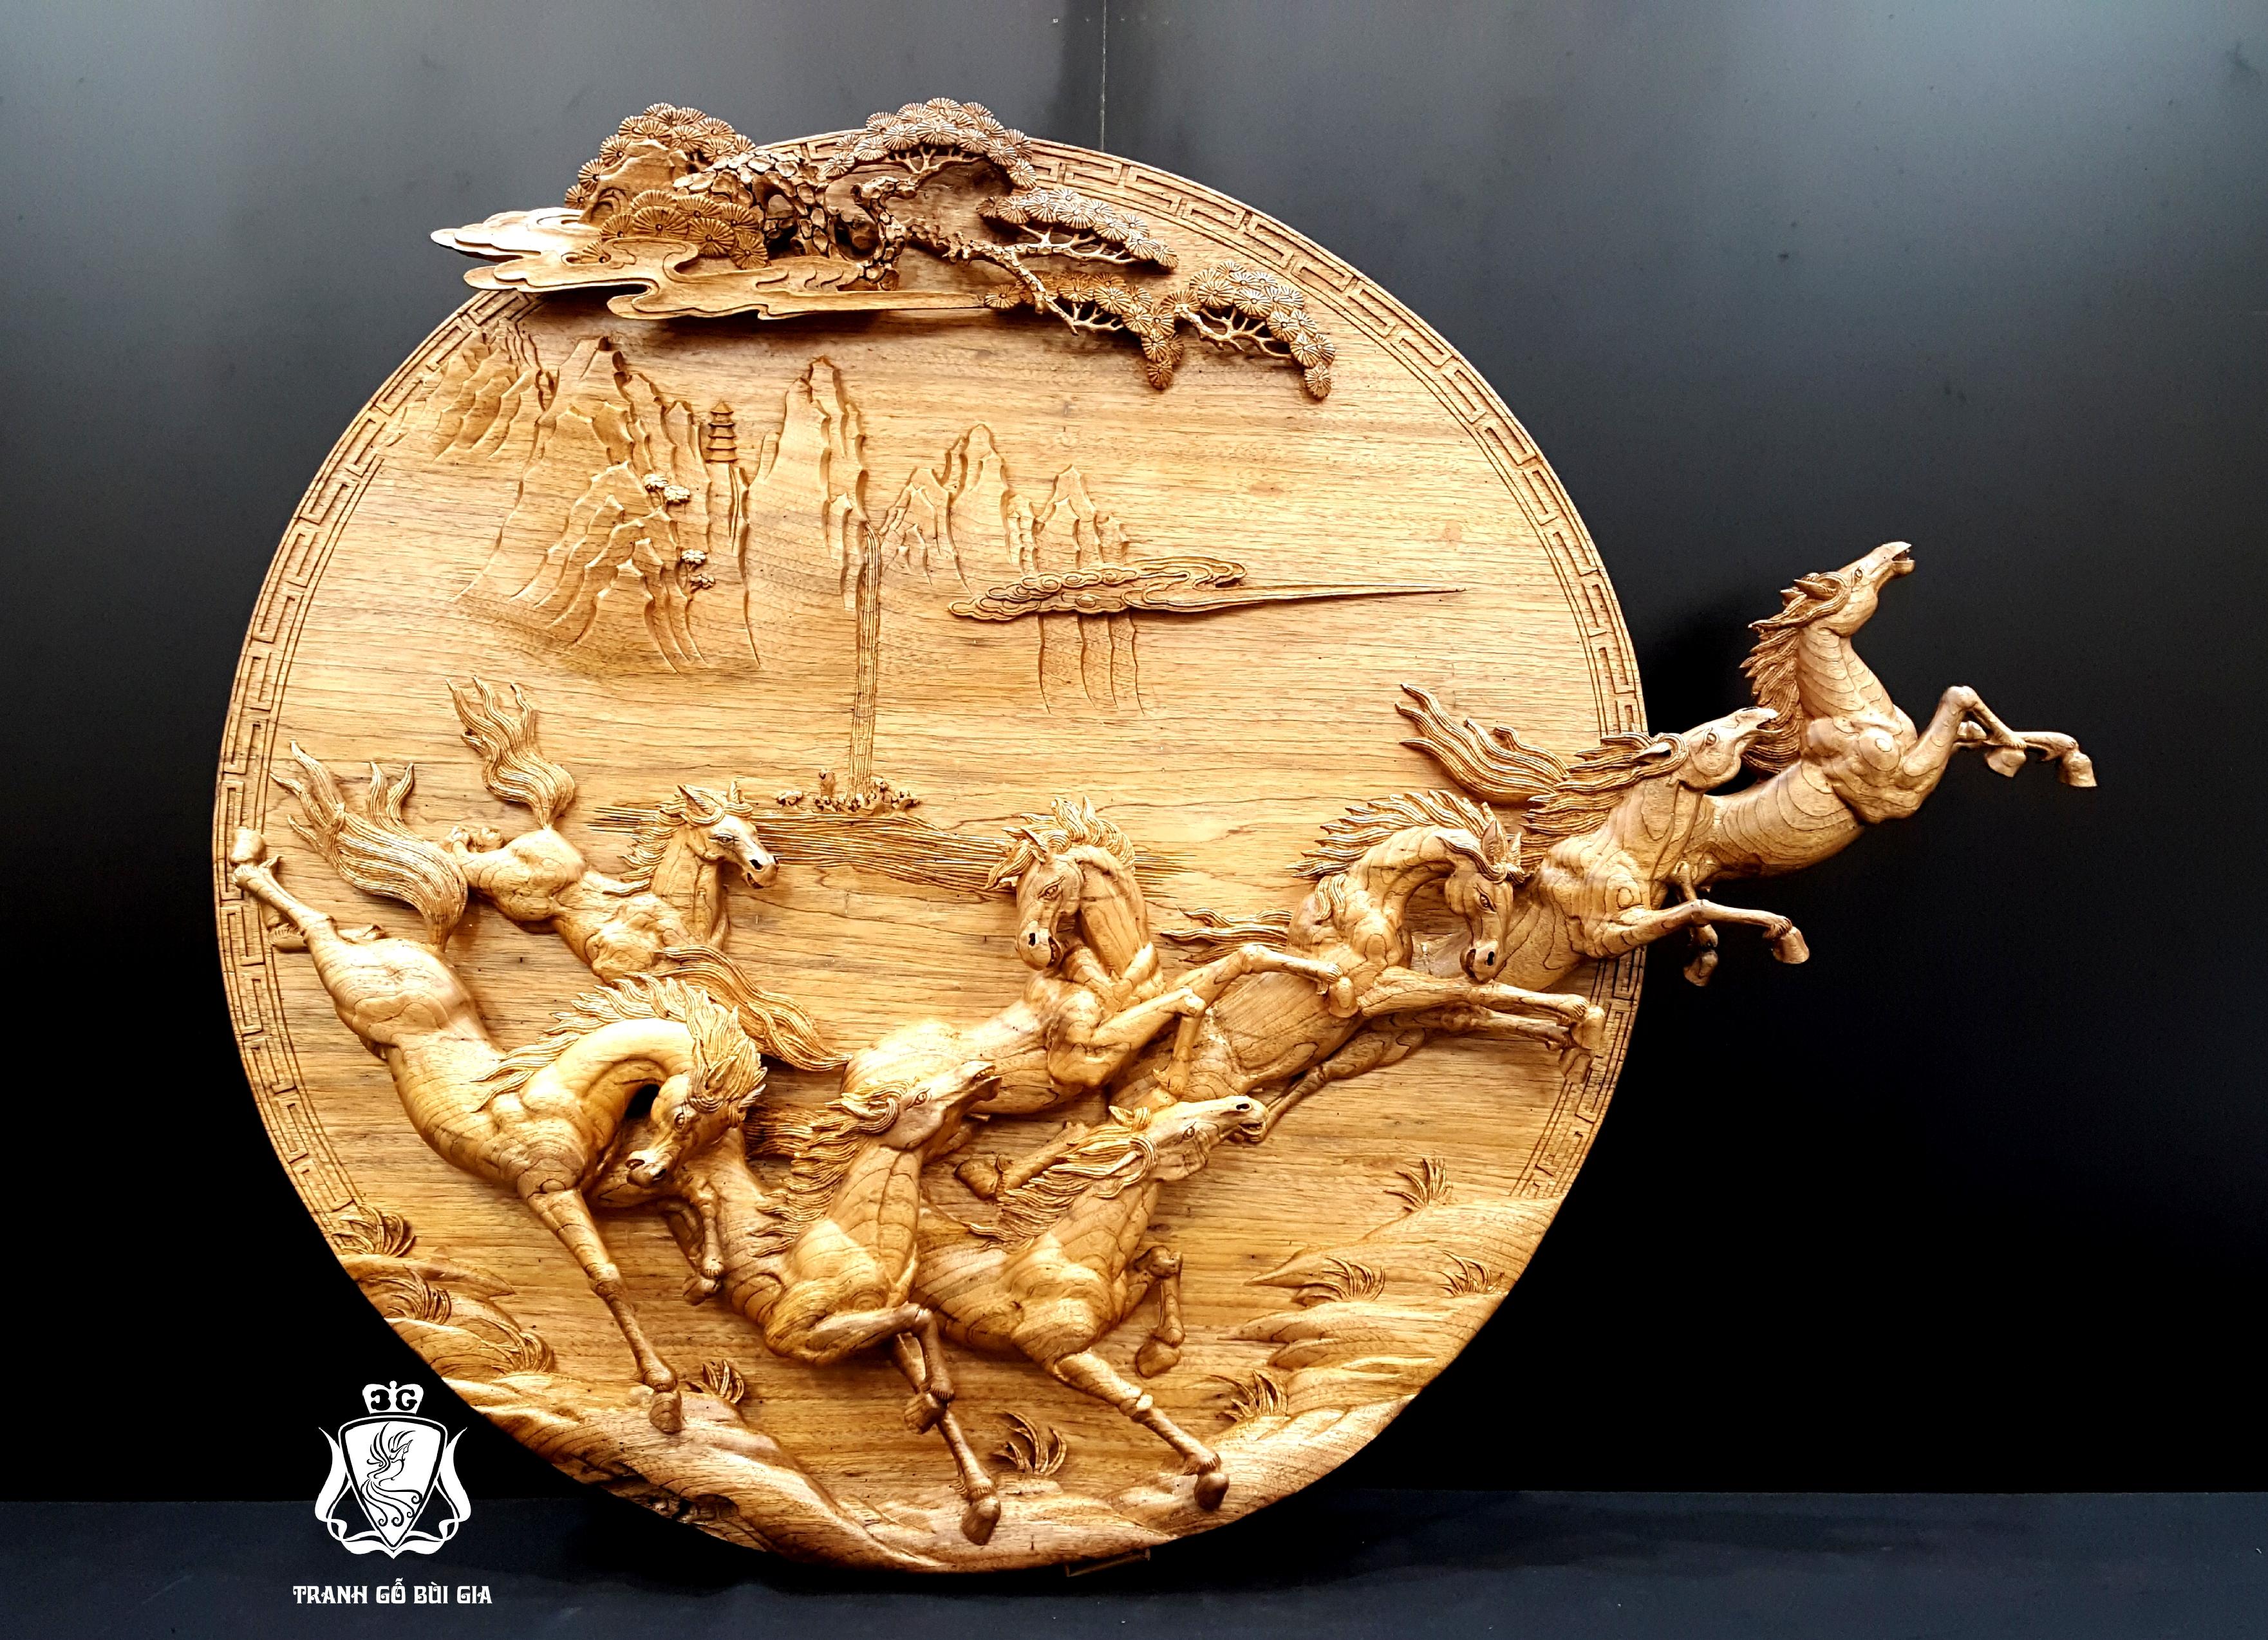 Mã Đáo Thành Công. Mẫu Tranh Tròn Độc - Lạ - Dị. Duy Nhất Tại Tranh gỗ Bùi Gia